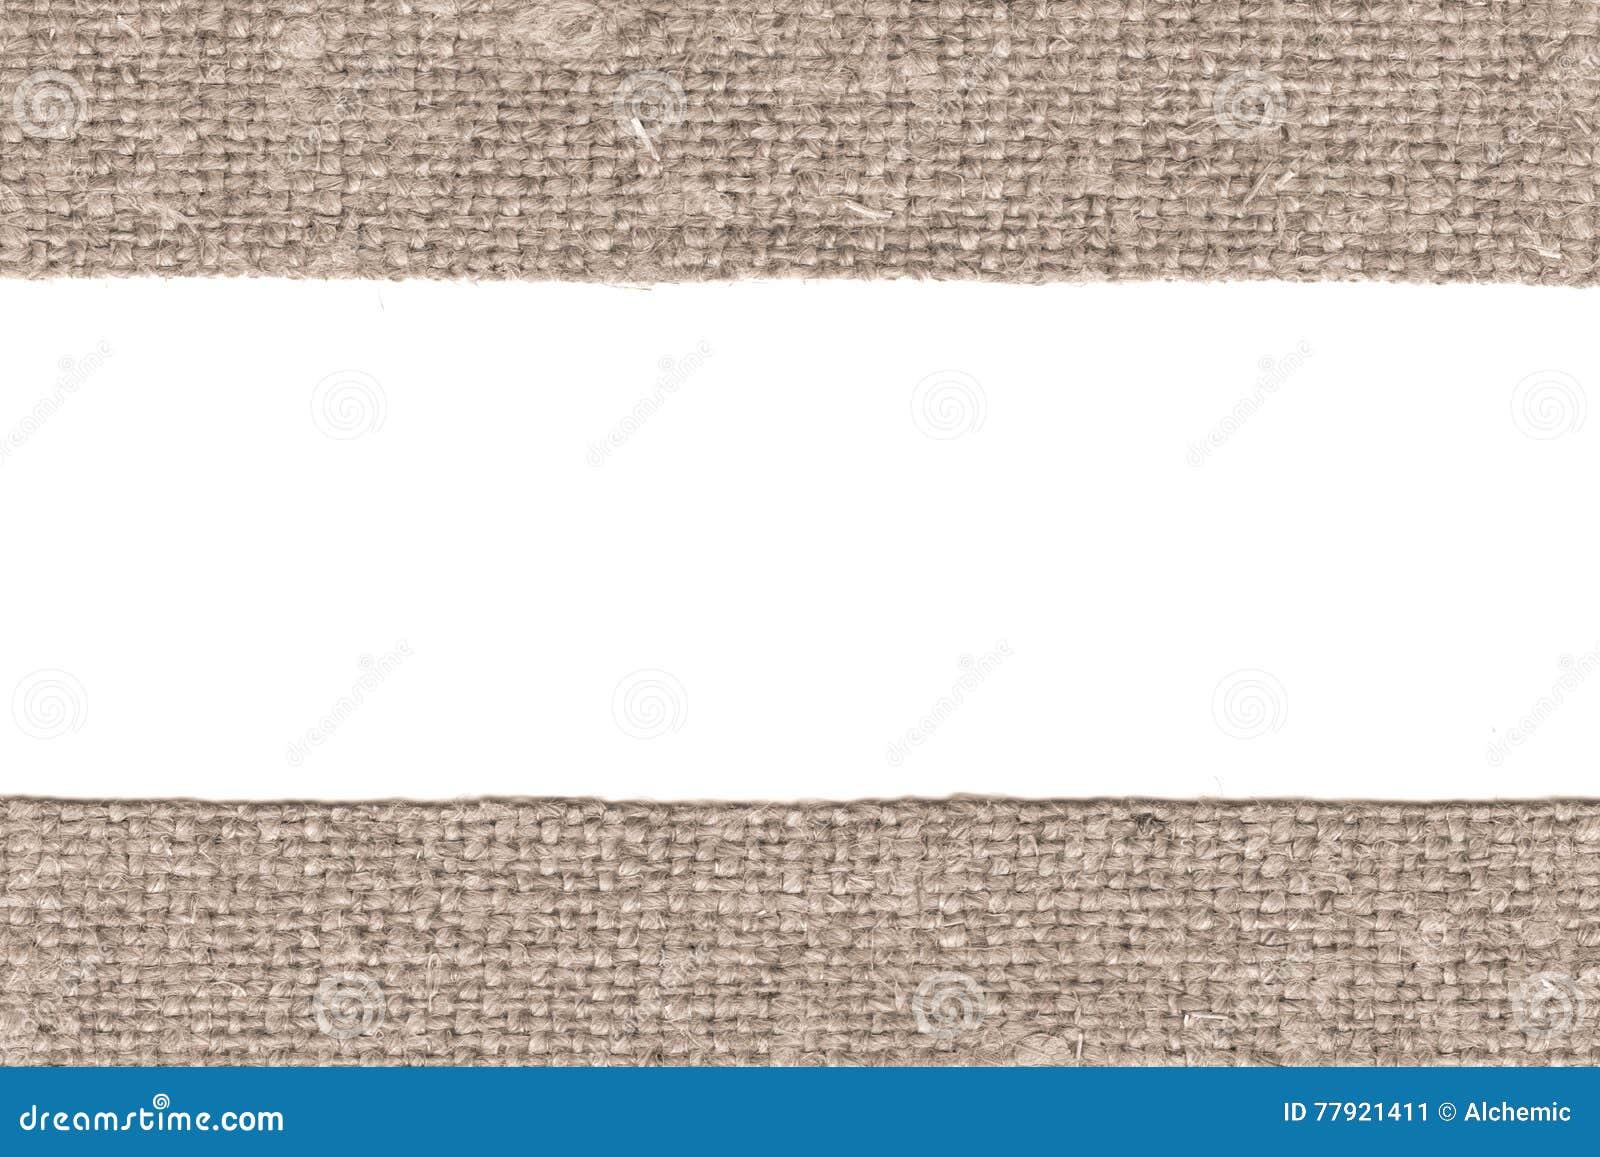 Уток ткани, заплата ткани, коричневый холст, античный материал, ретро-введенная в моду предпосылка